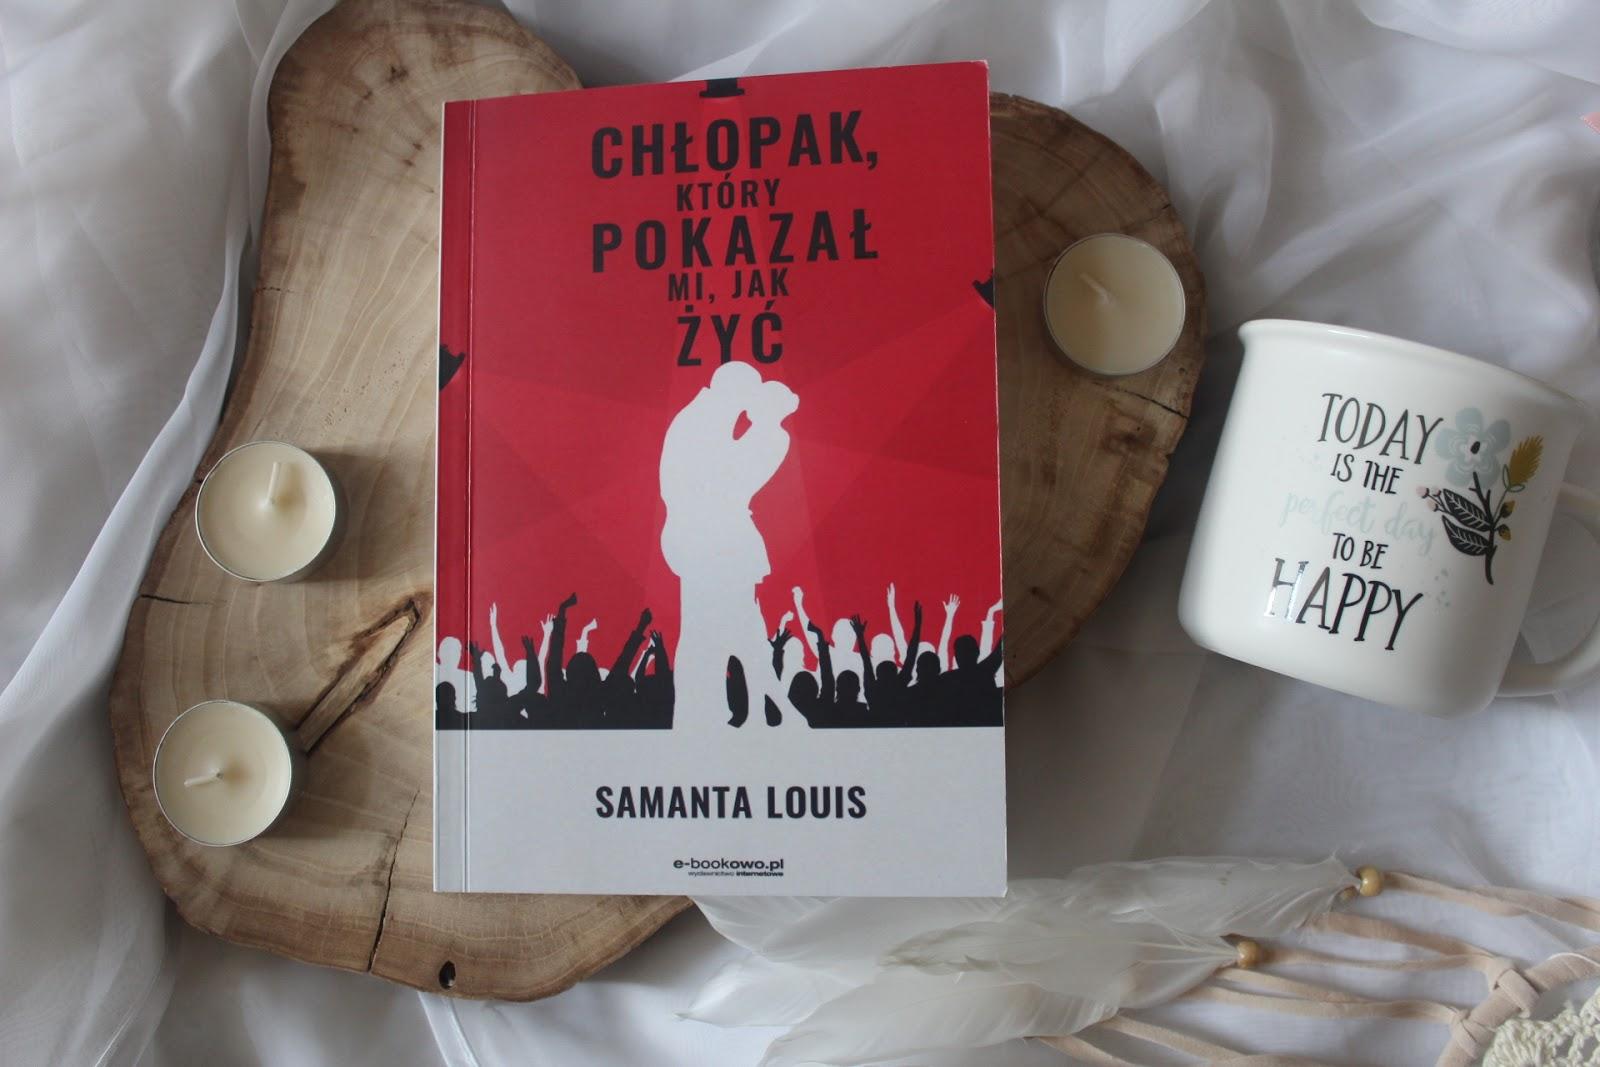 Chłopak, który pokazał mi, jak żyć  – Samanta Louis. Debiut literacki autorki bloga Lawendowa Czytelnia!